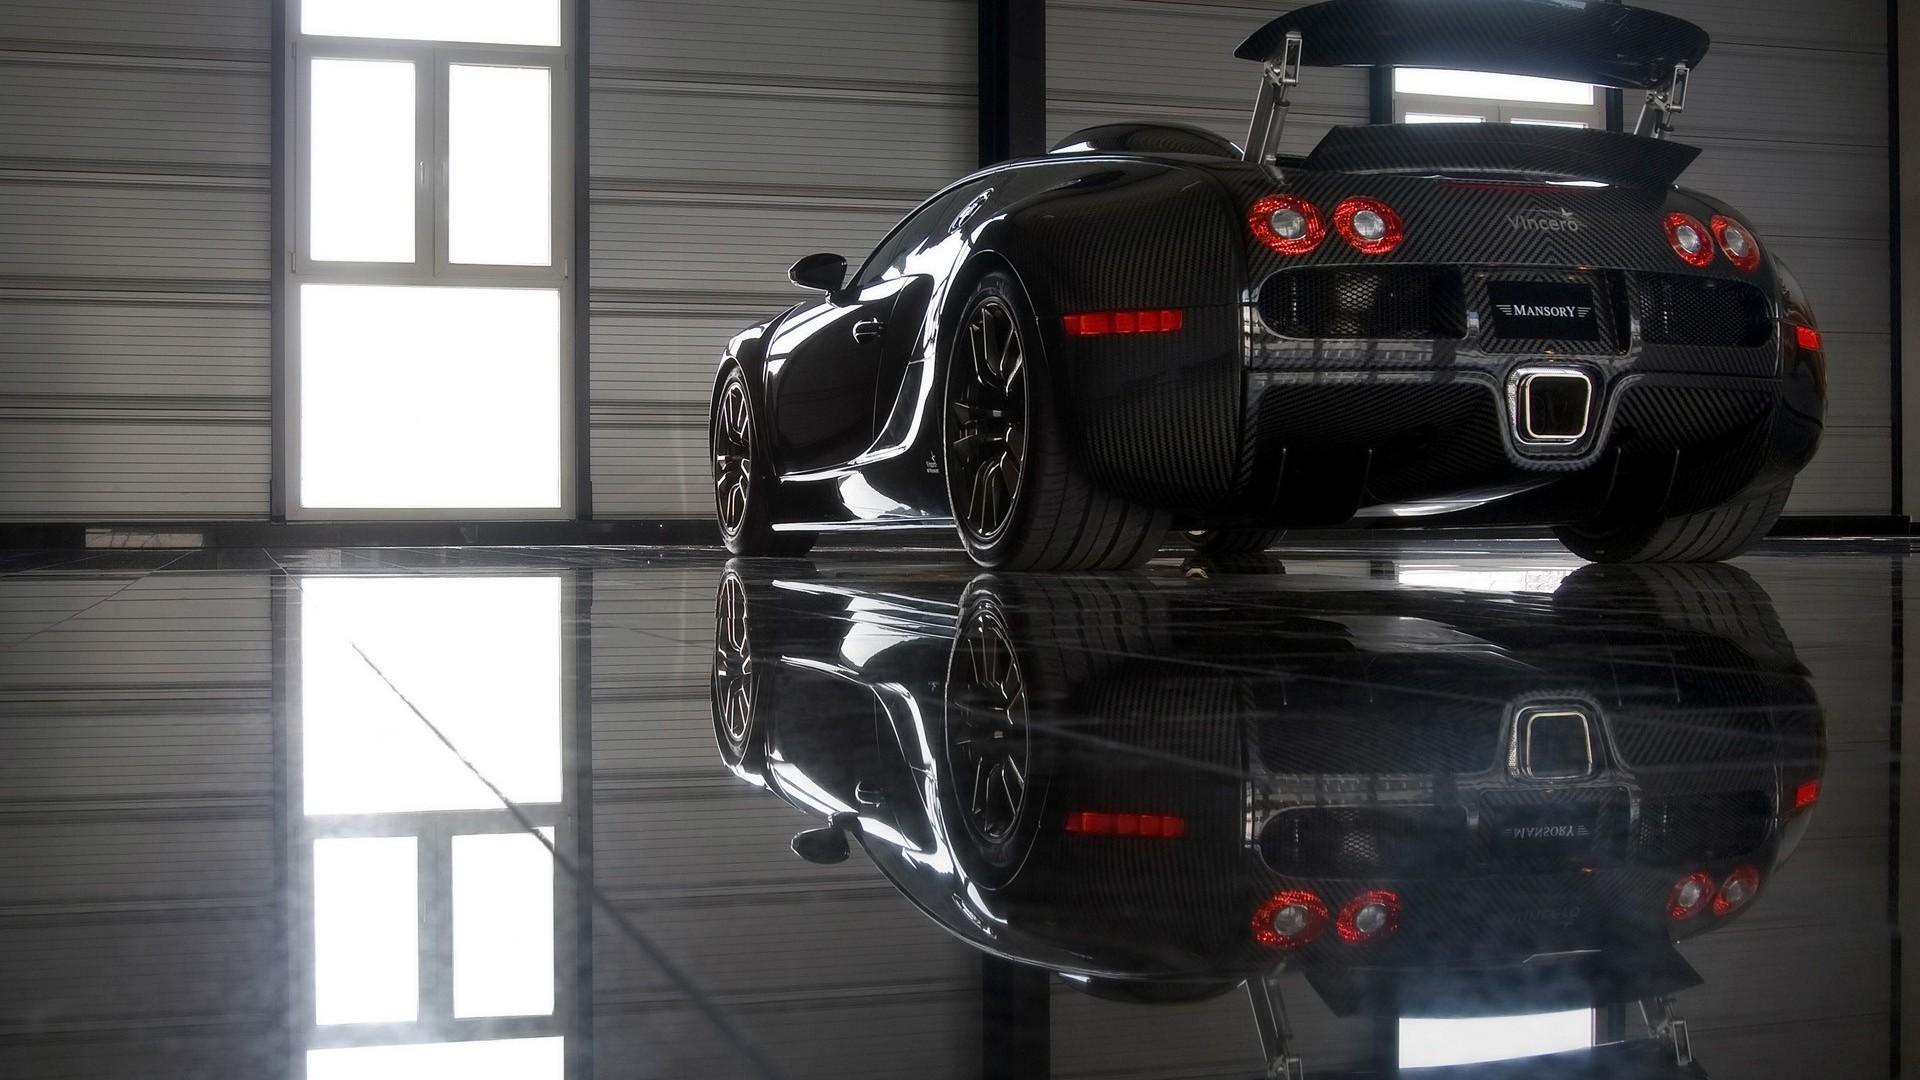 Bugatti Veyron Wallpaper Hd For Laptop 26